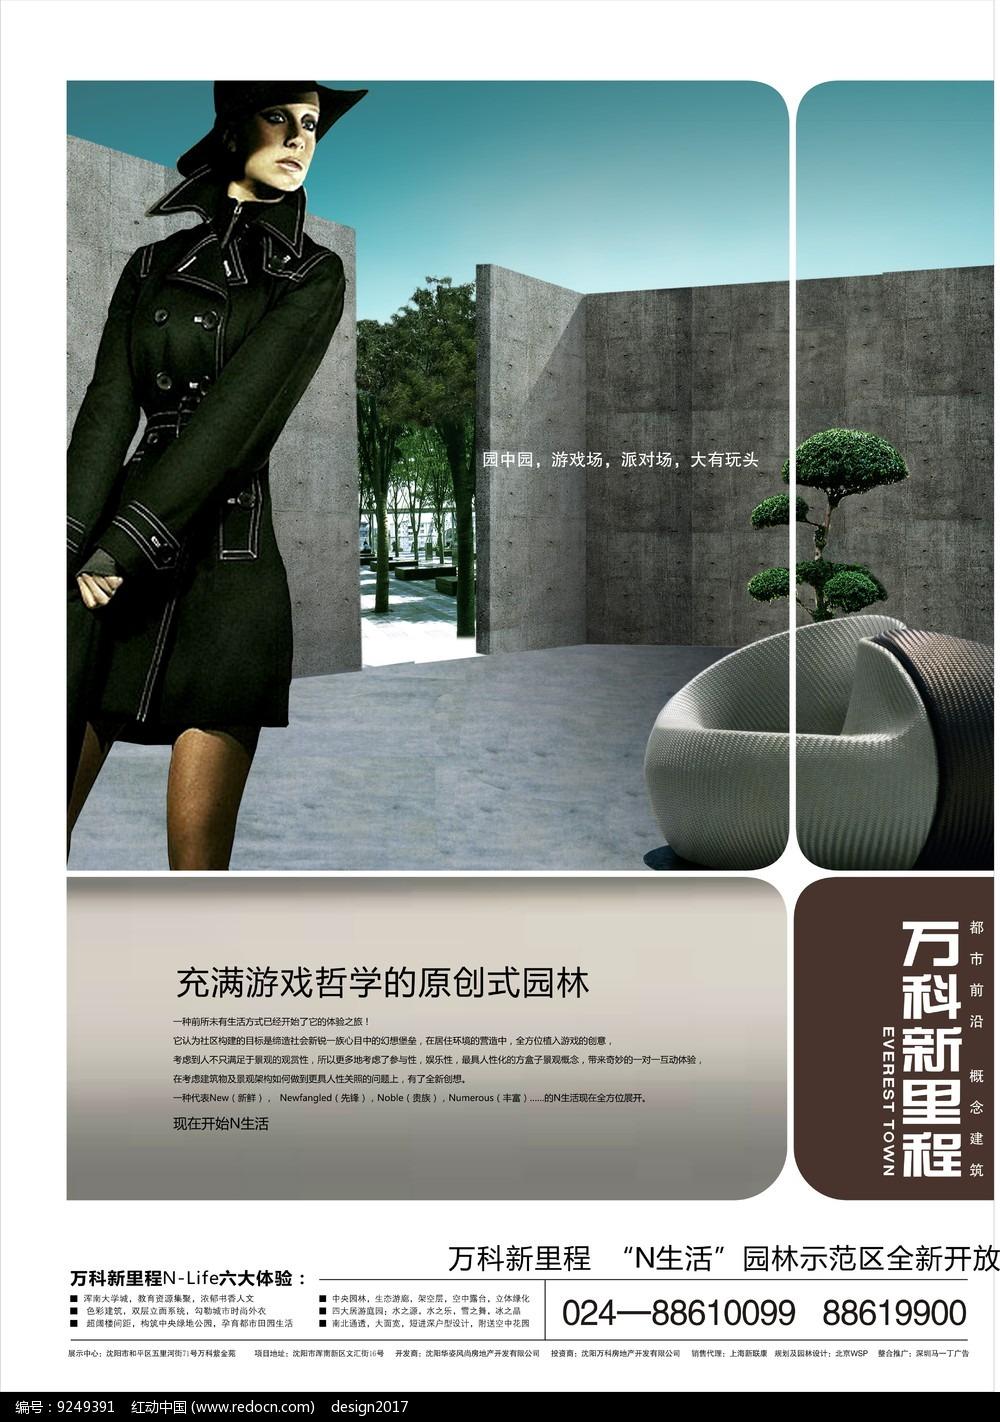 万科新里程广告设计图片